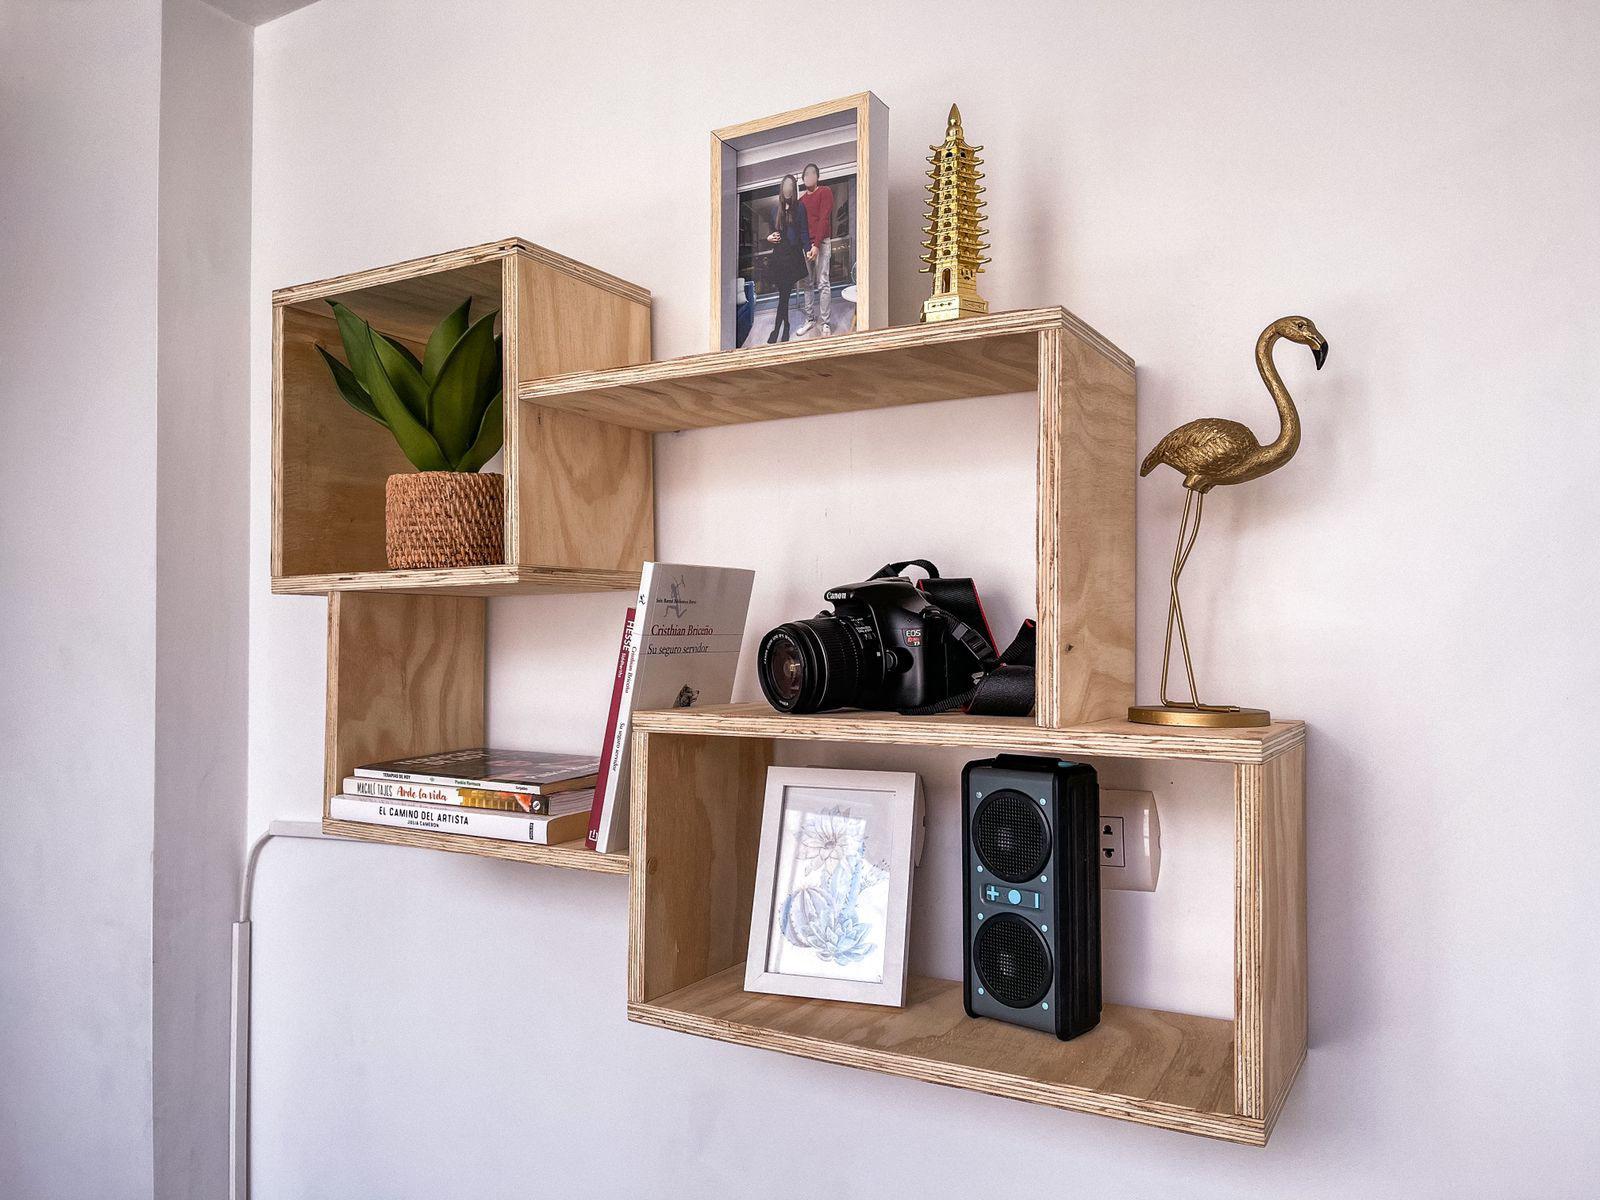 Repisas: Una forma de aprovechar el espacio extra de tu casa